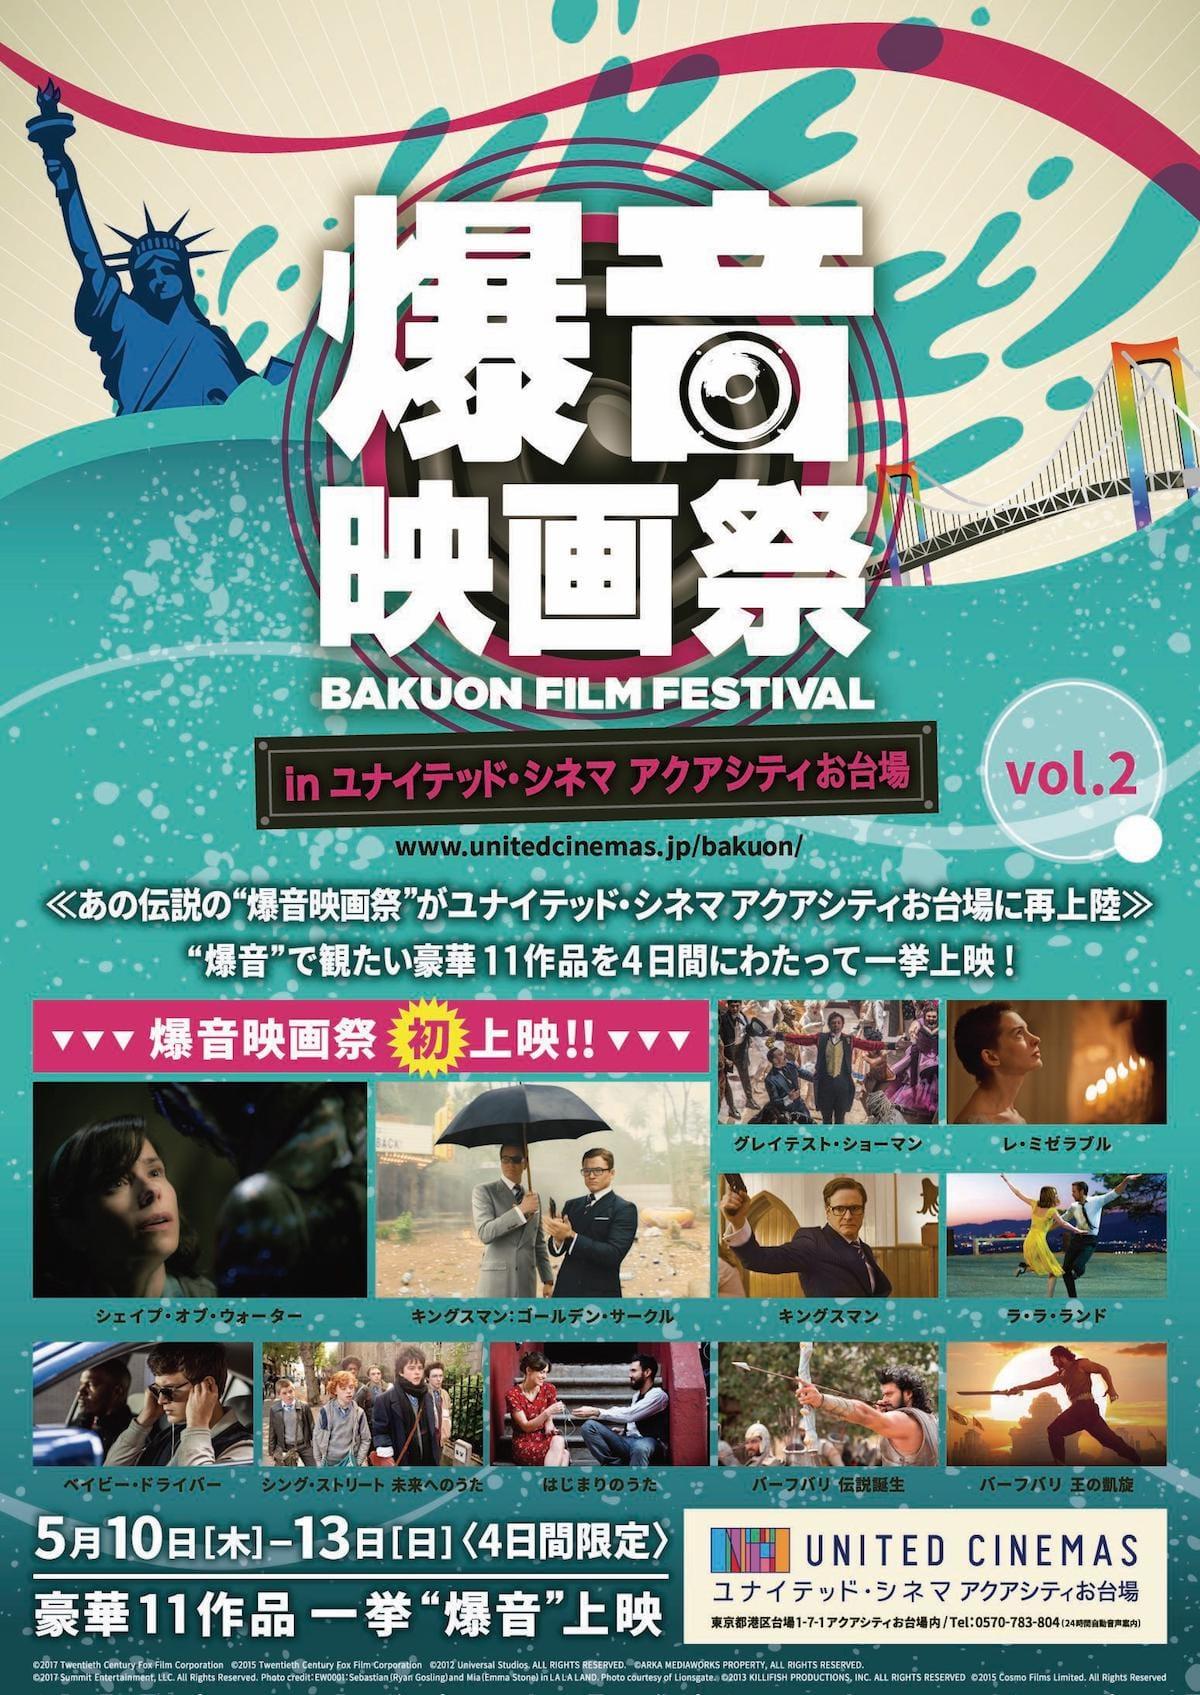 お台場で爆音映画祭が開催!『シェイプ・オブ・ウォーター』や『キングスマン』最新作など計11本 film180420_bakuon_bb_4-1200x1695